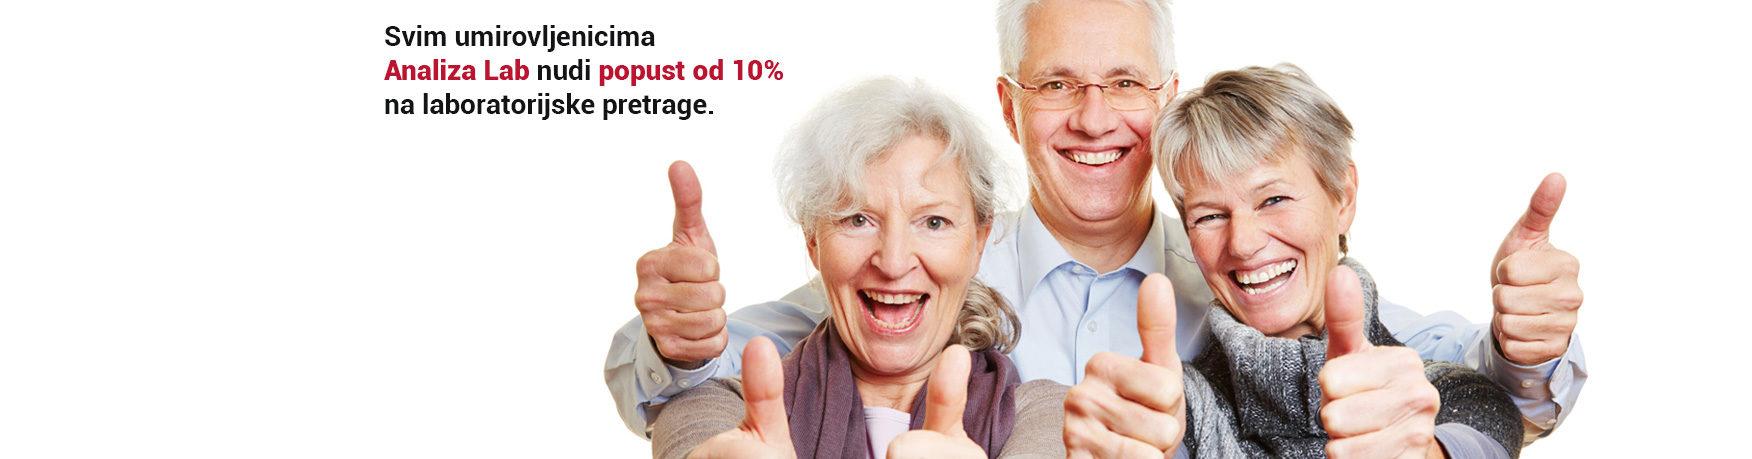 Popust za umirovljenike